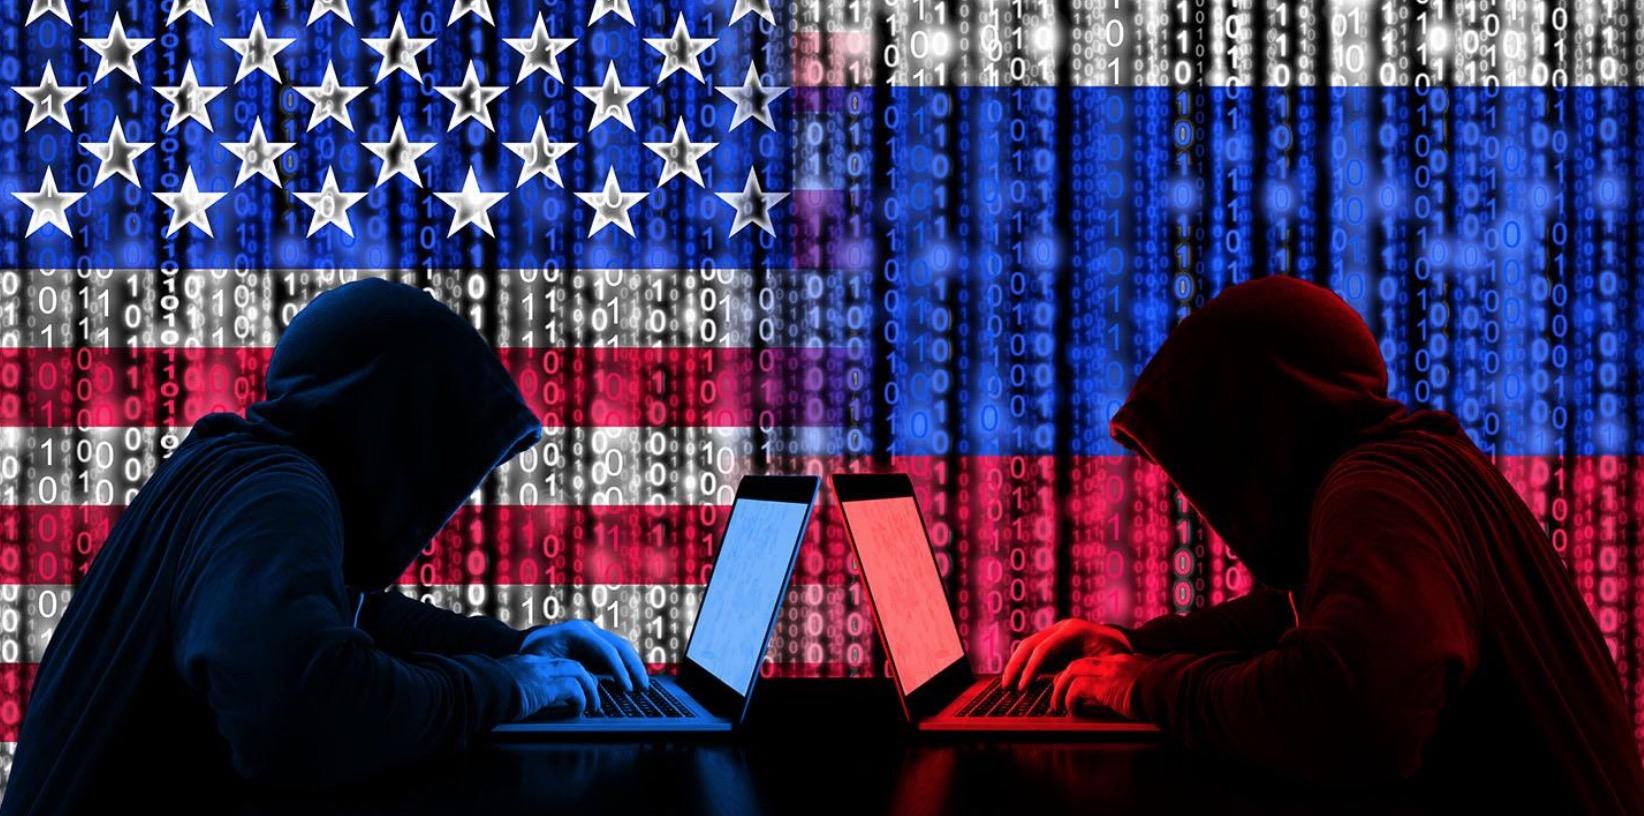 Un reprezentant FBI va vorbi, la Bucuresti, despre războiul cybernetic si amenințările lumii transformate de tehnologie. La iCEE.fest: UPGRADE 100 se va analiza și impactul digitalului în democrație si în societate.